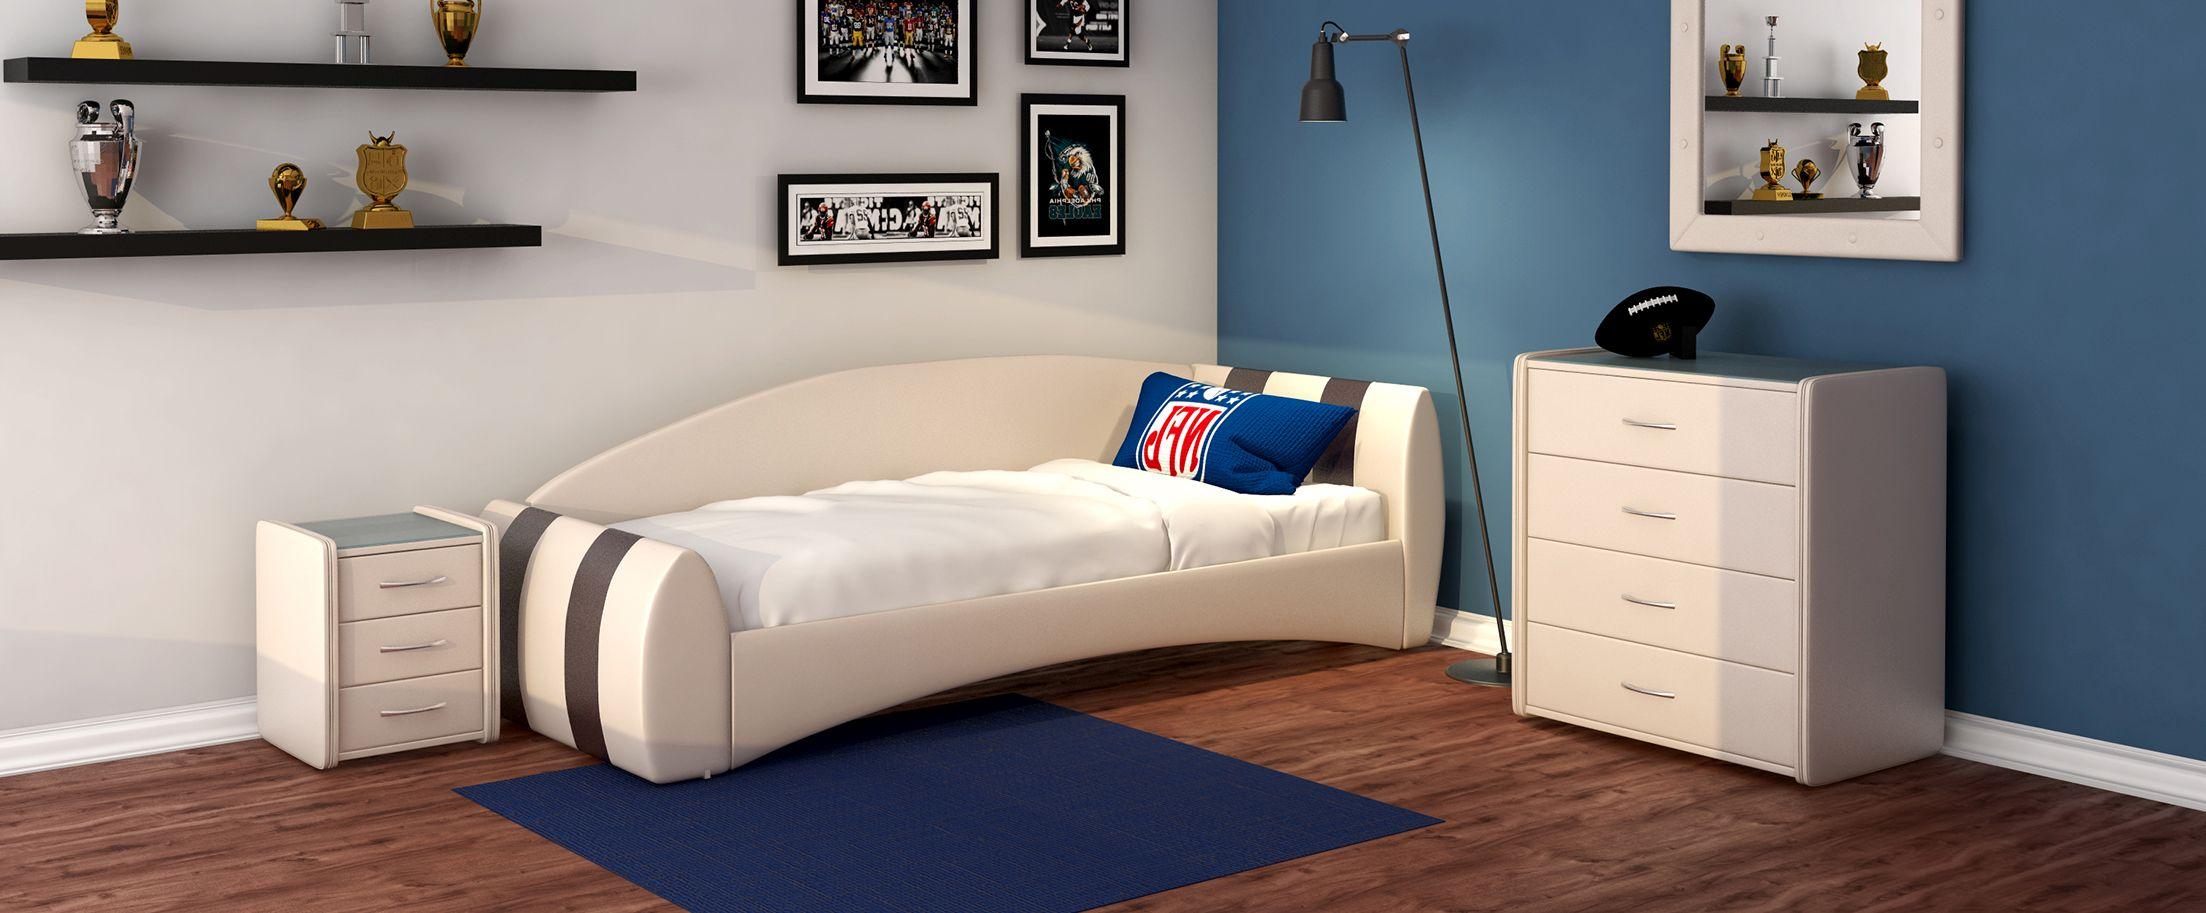 Кровать односпальная Кальвет (правая) Модель 386Односпальная модель с современным дизайном отлично впишется в интерьер подростковой комнаты. Расположение спинки возможно как левое, так и правое.<br>